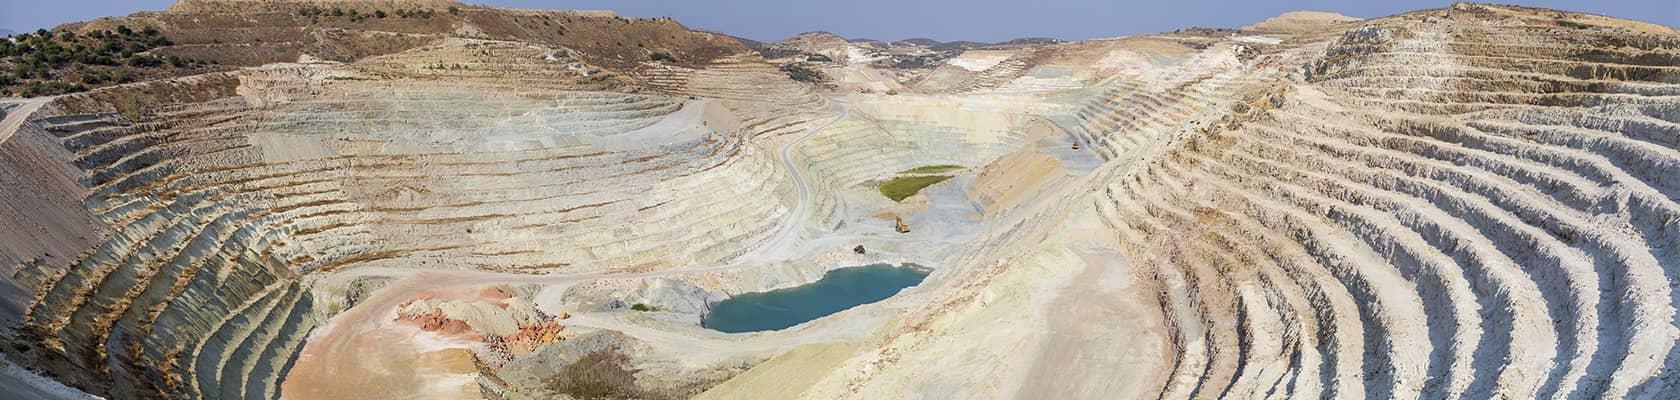 Mining & Slurry